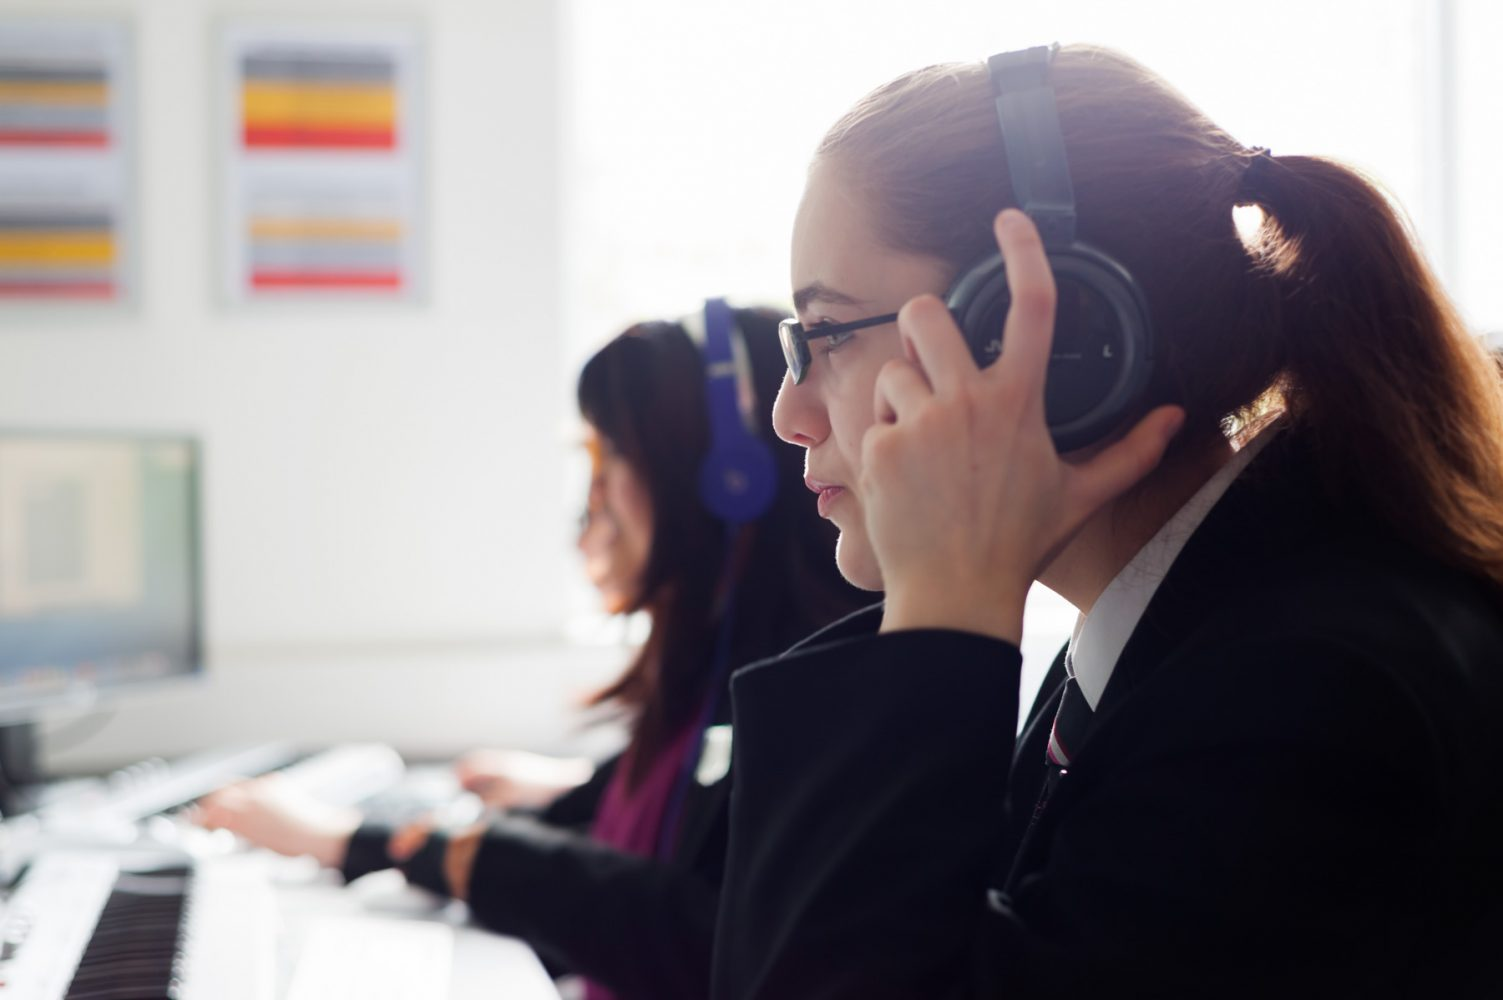 Secondary school pupil wearing headphones